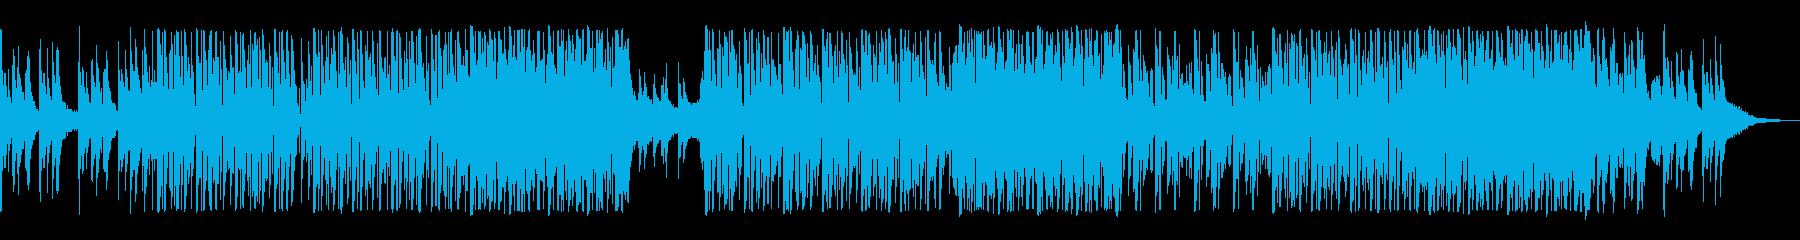 HIPHOPトラック/華やか/幻想的の再生済みの波形